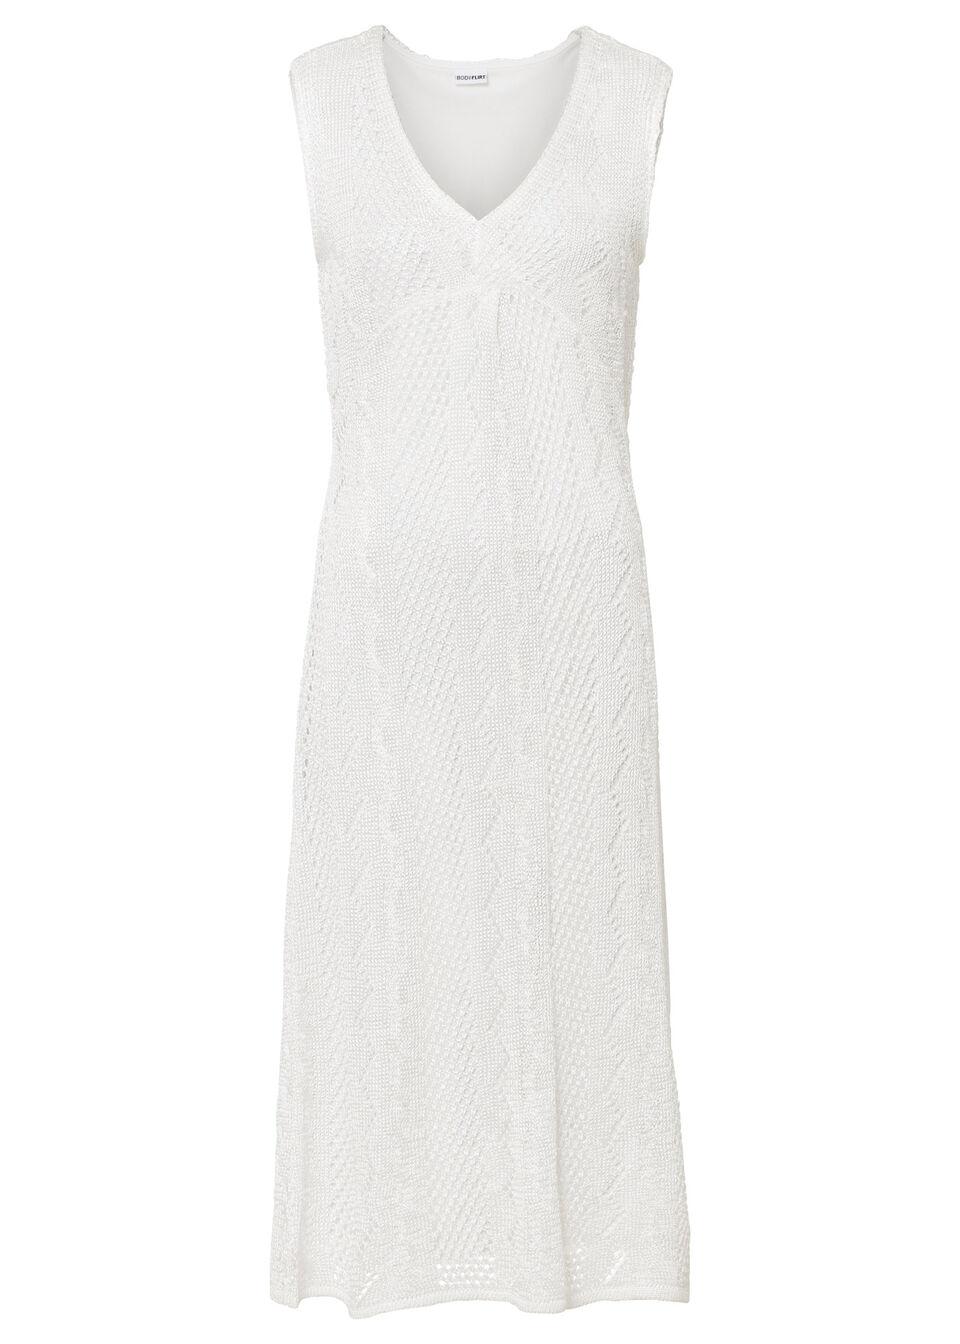 Sukienka dzianinowa w ażurowy wzór bonprix biel wełny